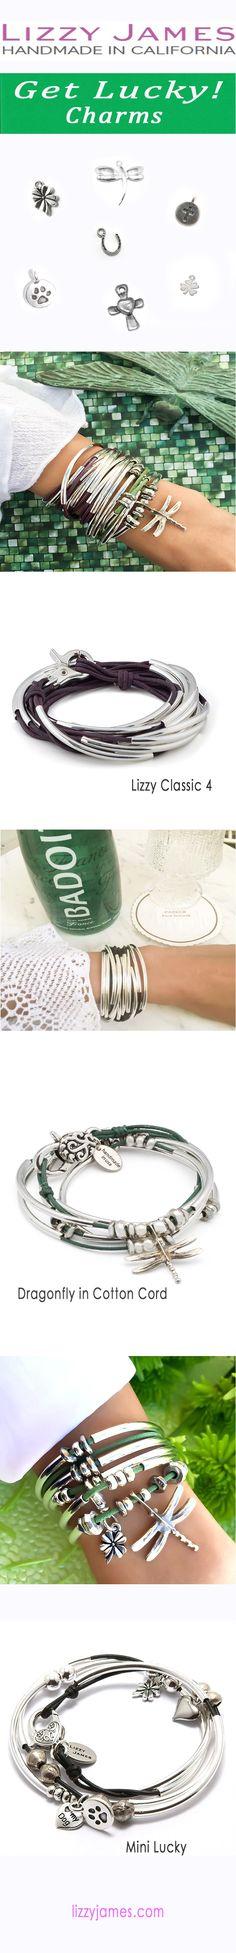 52e2dd93d1 51 Best Charm Bracelets Styling images in 2019 | Bracelets, Jewelry ...